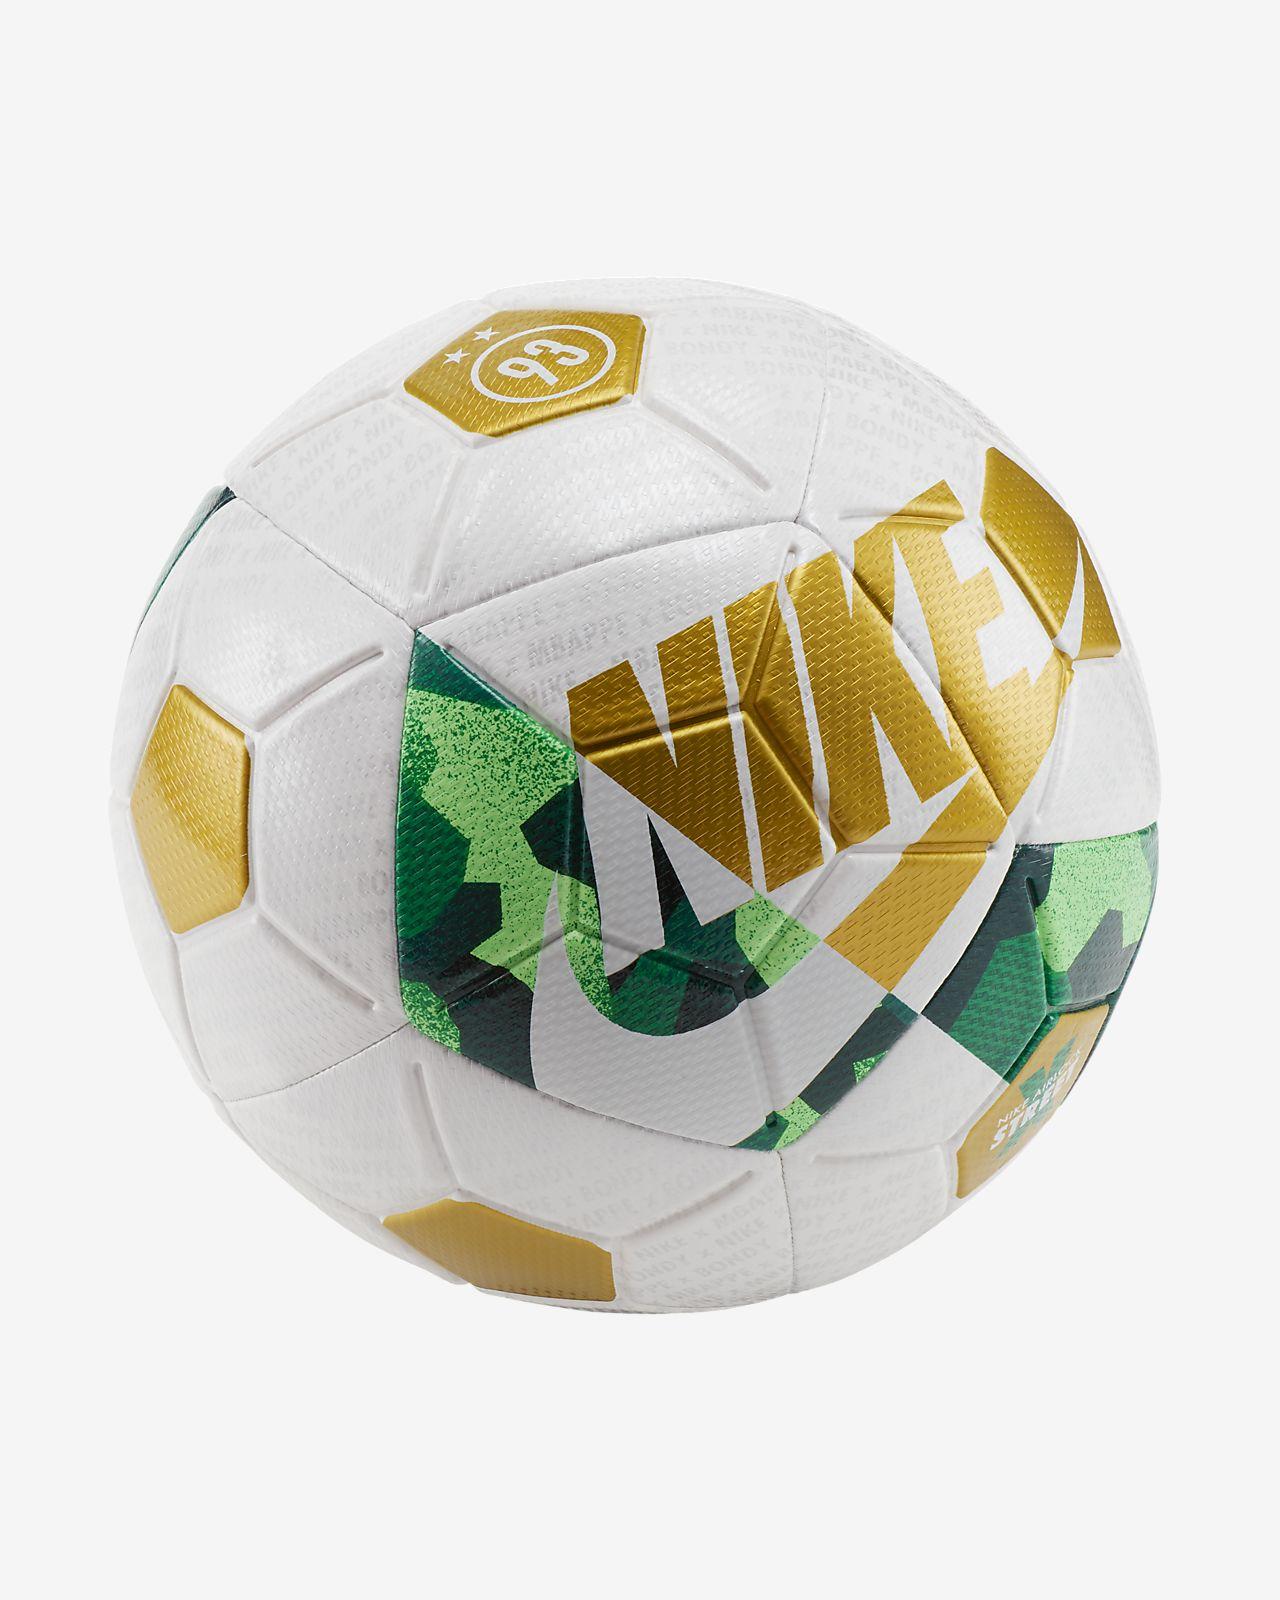 Μπάλα ποδοσφαίρου Nike Airlock Street X Bondy